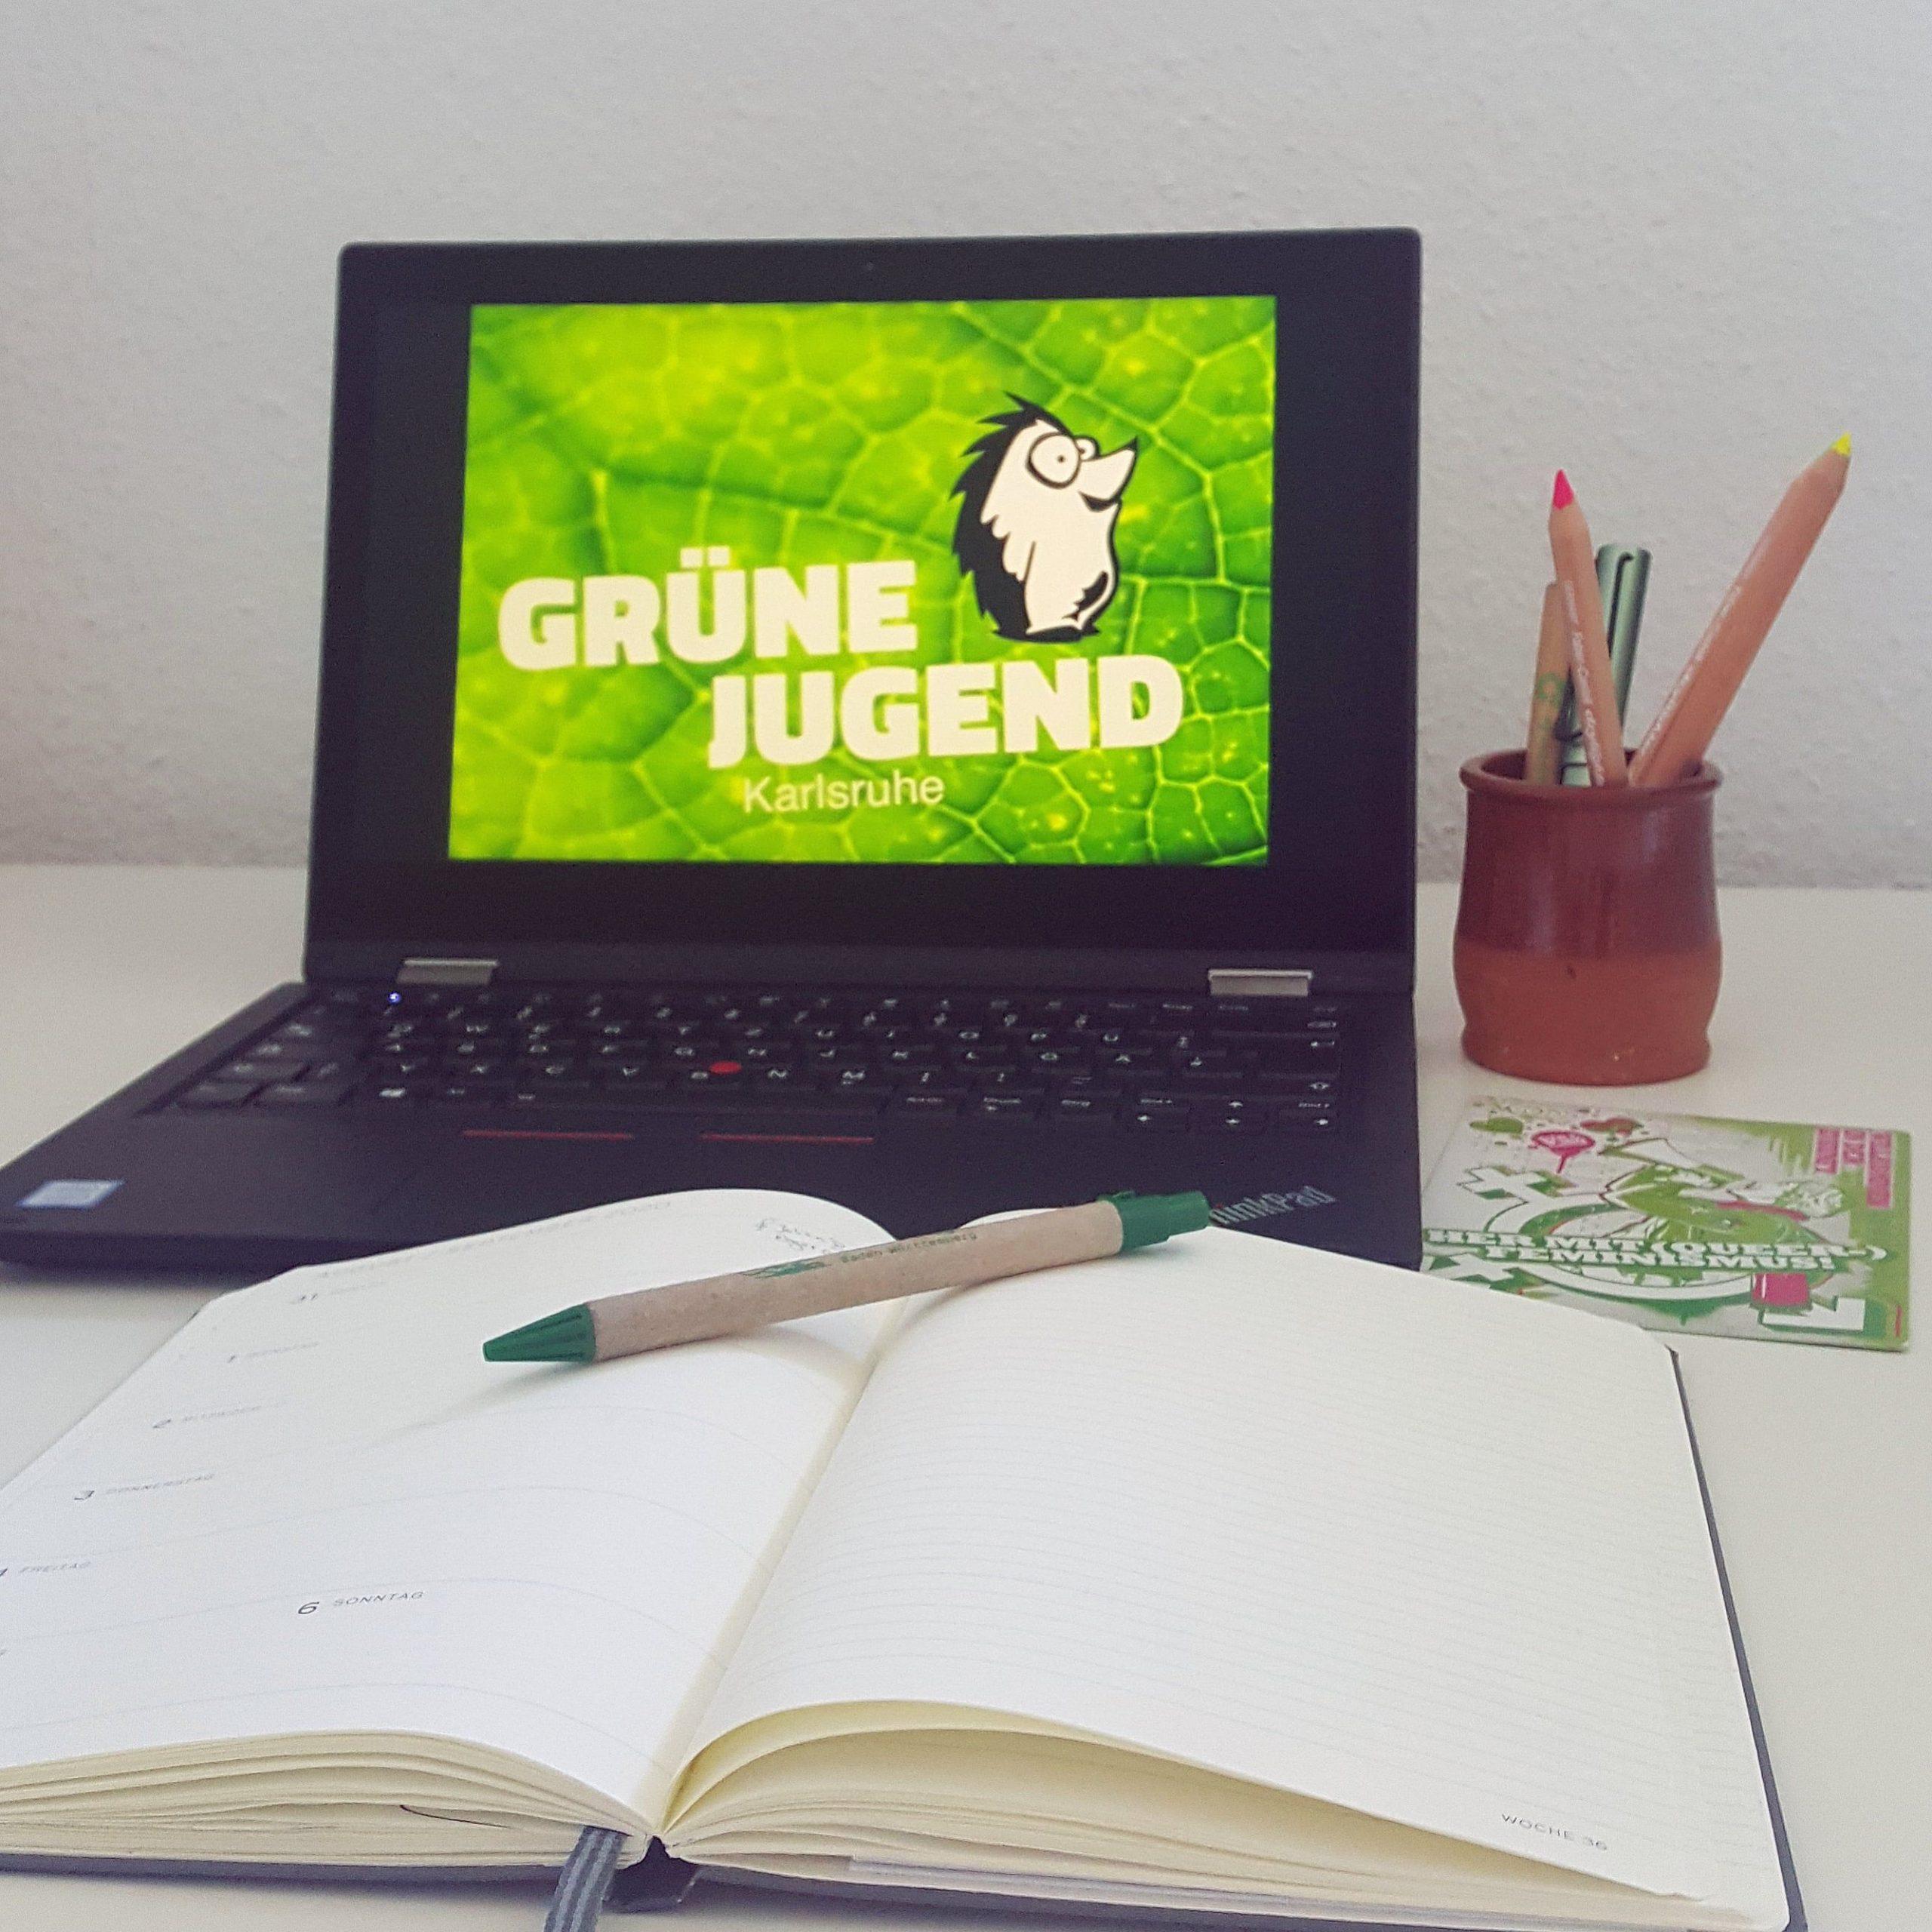 Grüne Jugend geht online